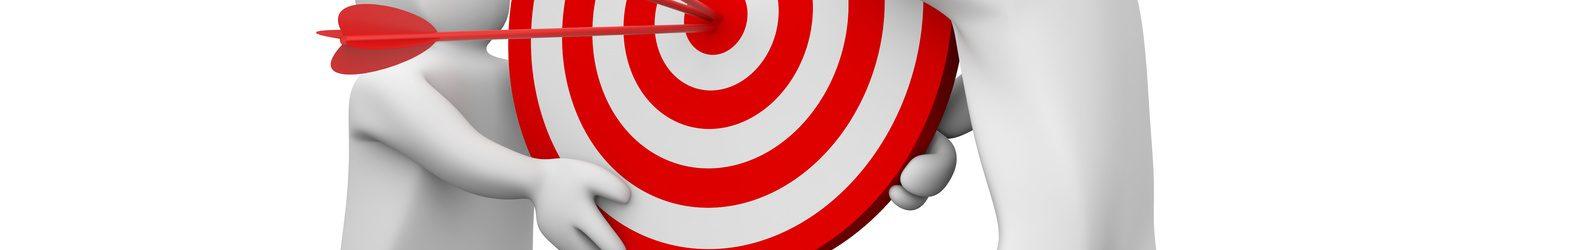 Как правильно ставить цели и добиваться их